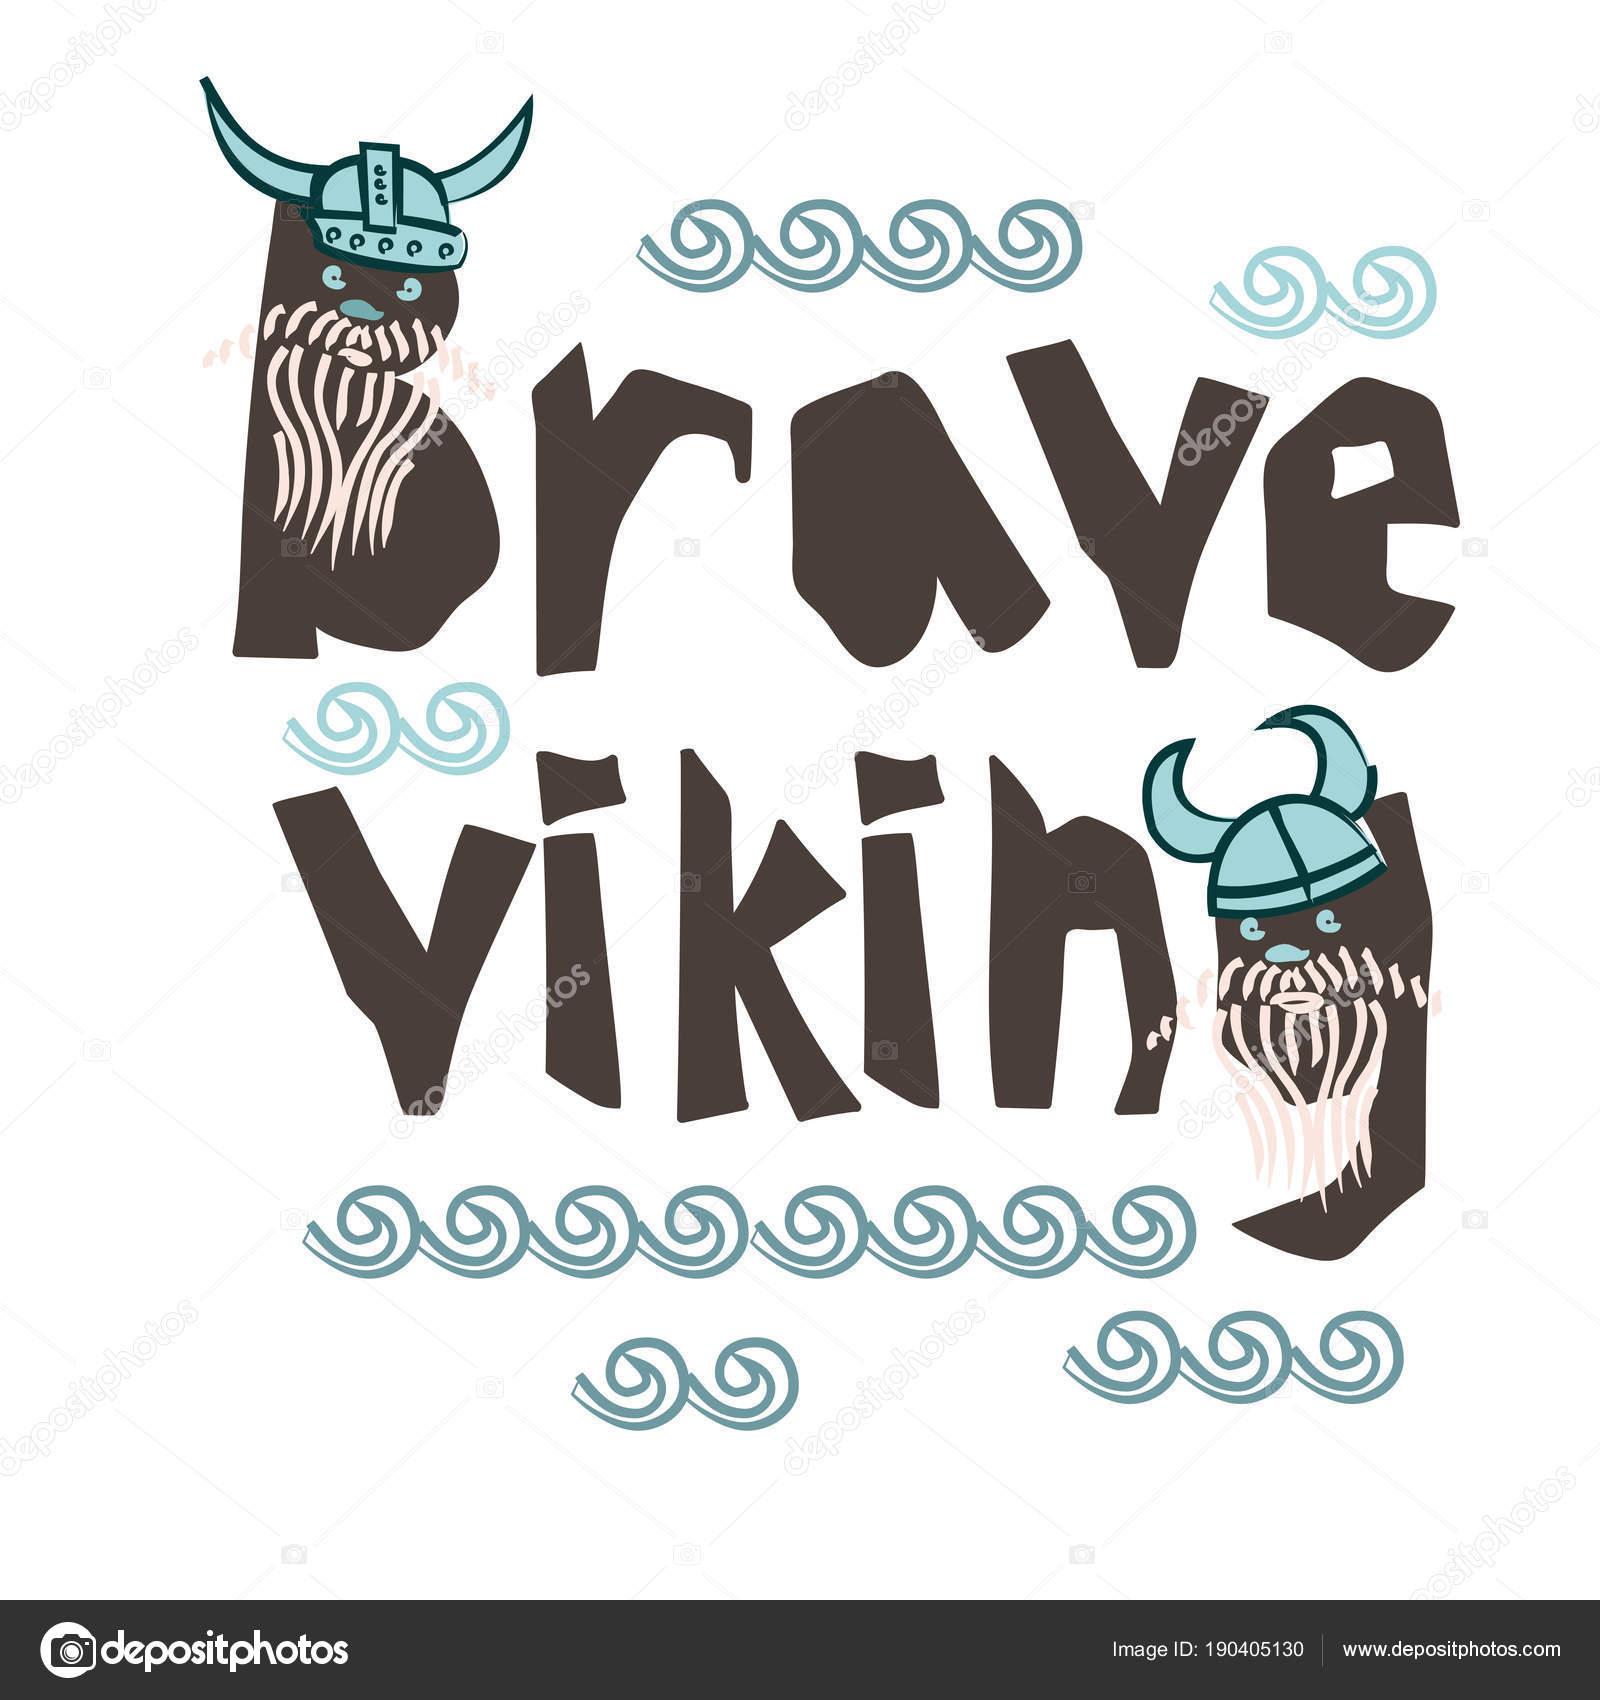 Tipografía los niños vikingos tema lema o cartel en fondo blanco ...